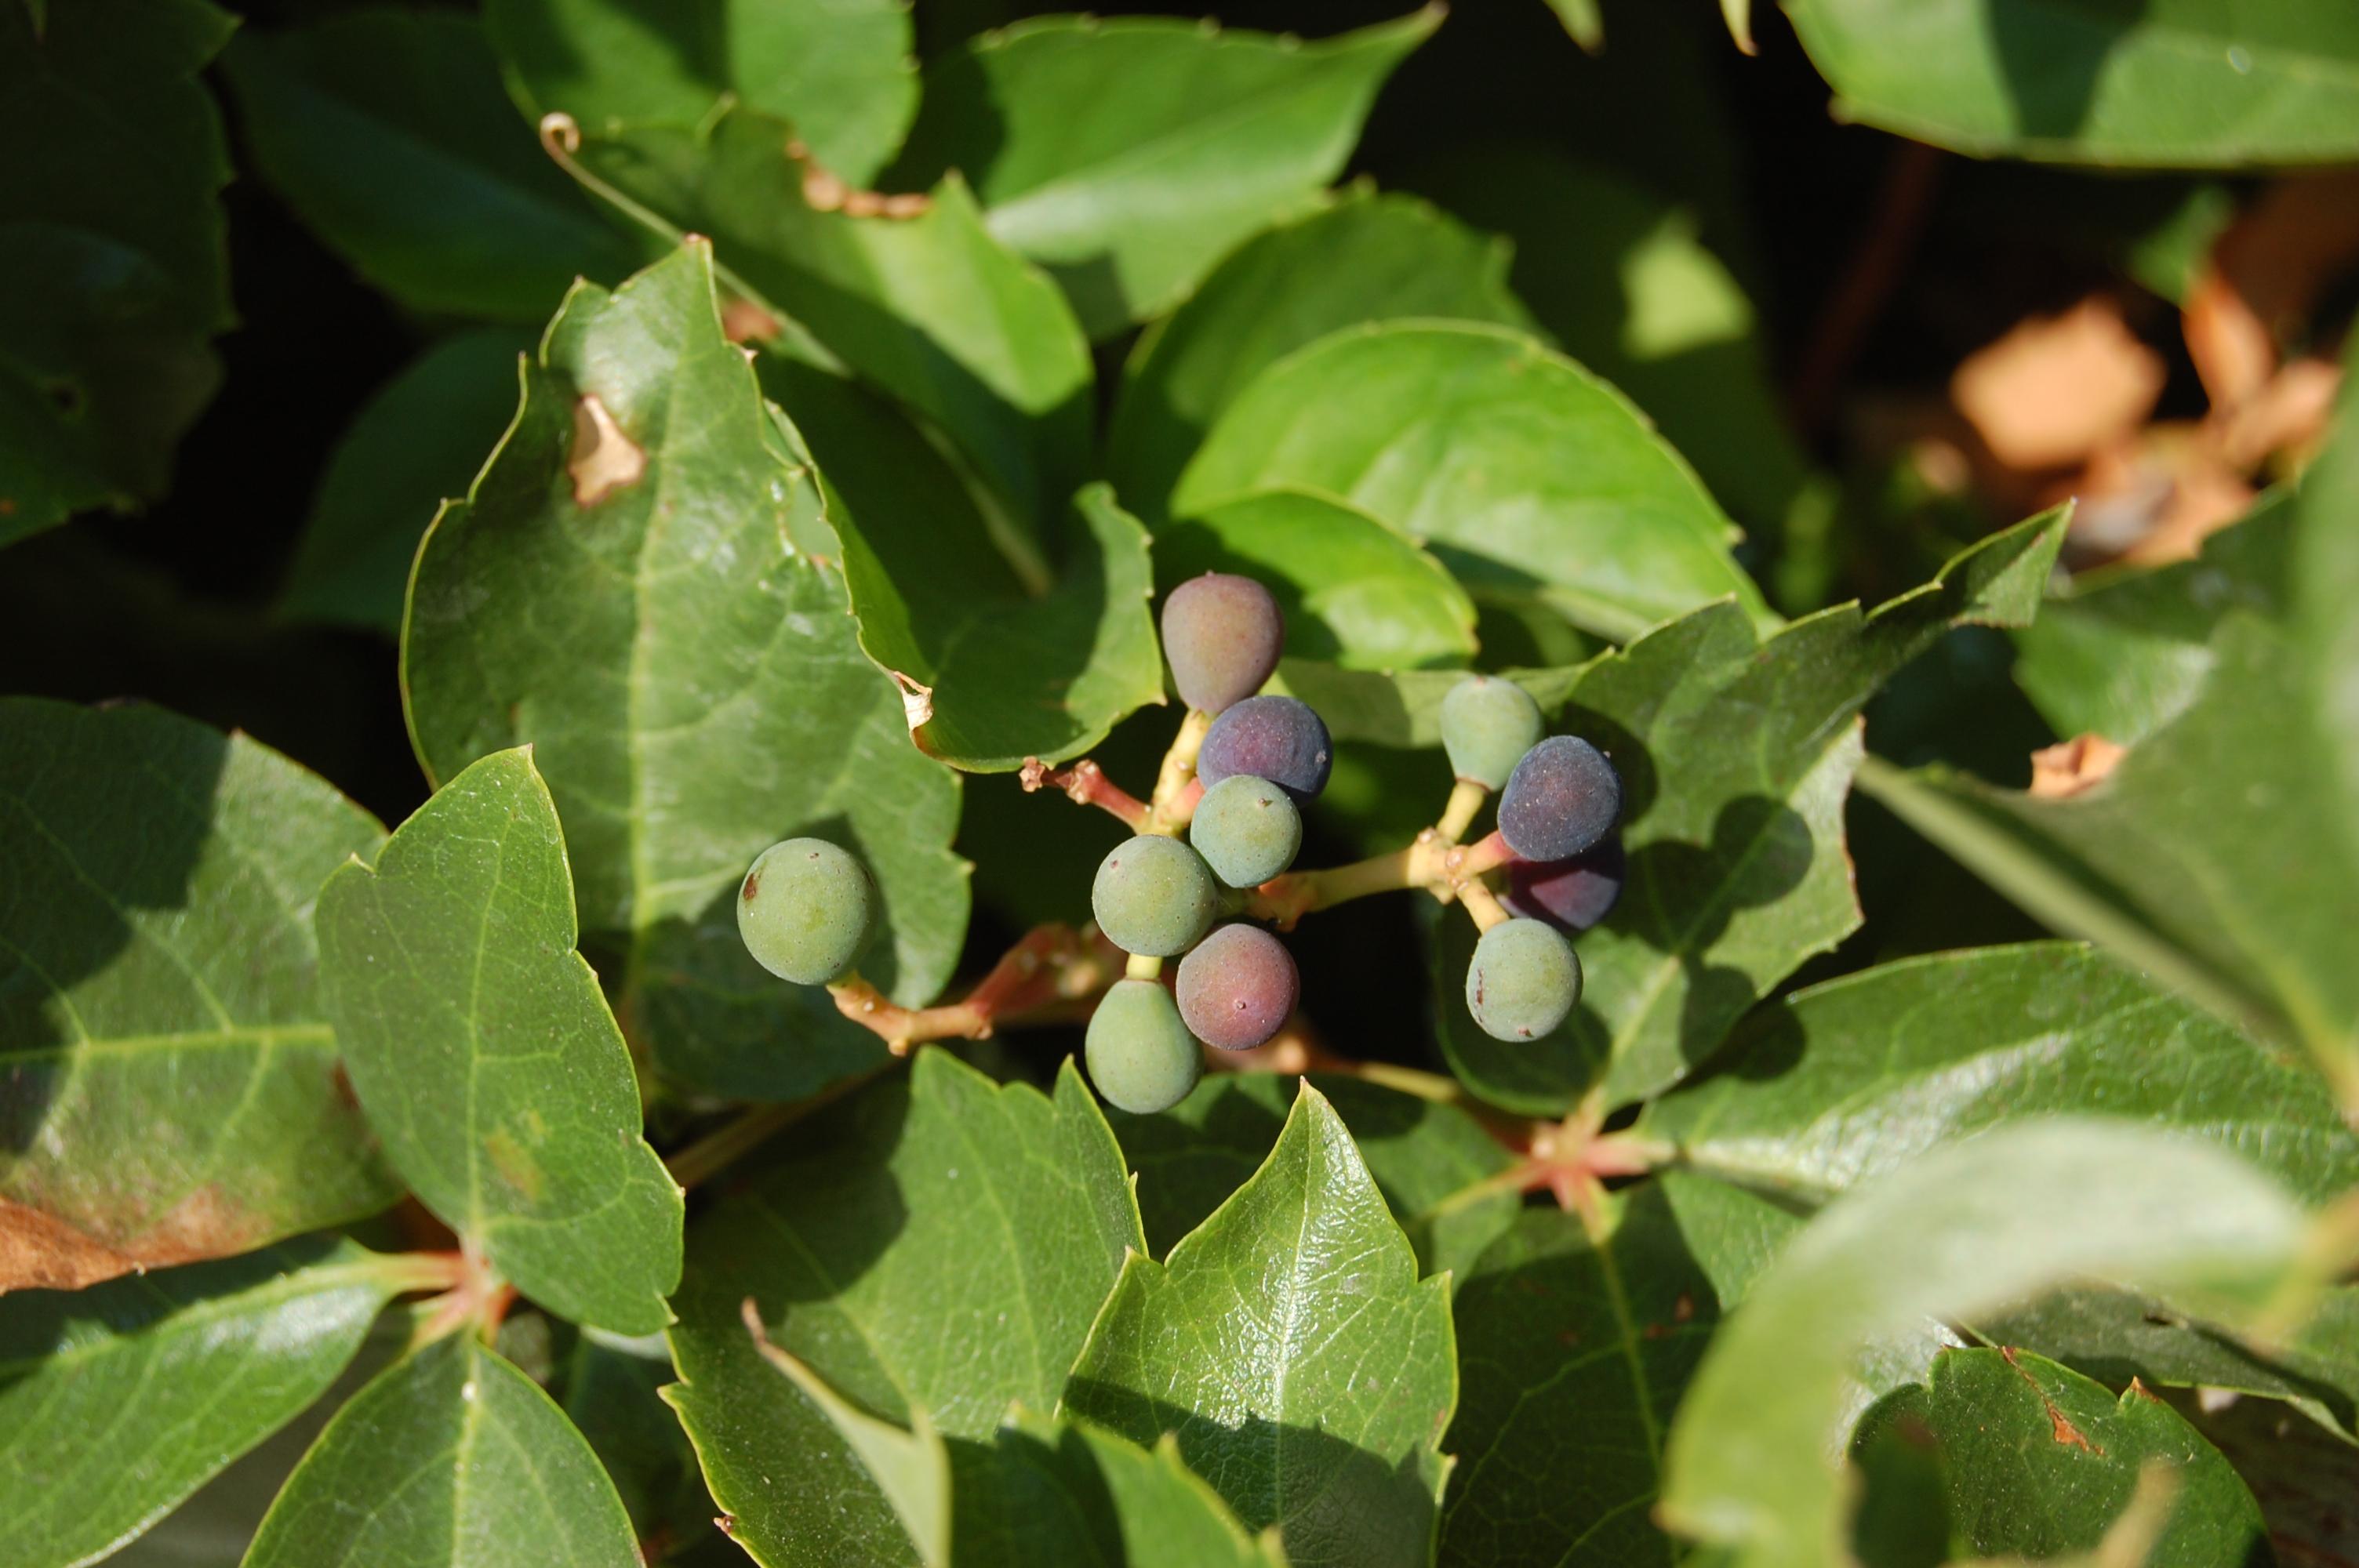 parthenocissus-quinquefolia-fruit.jpg